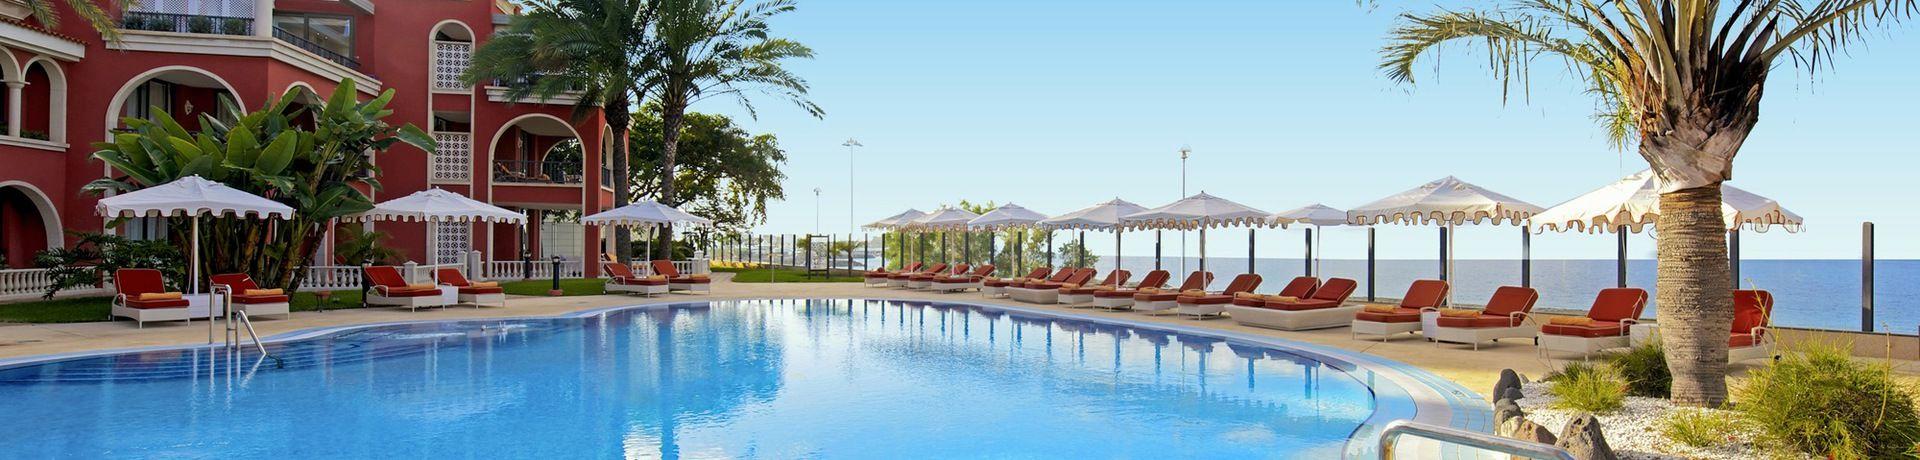 Hotel Golf En Costa Adeje Ile De Tenerife Tenerife Tenerife Sud